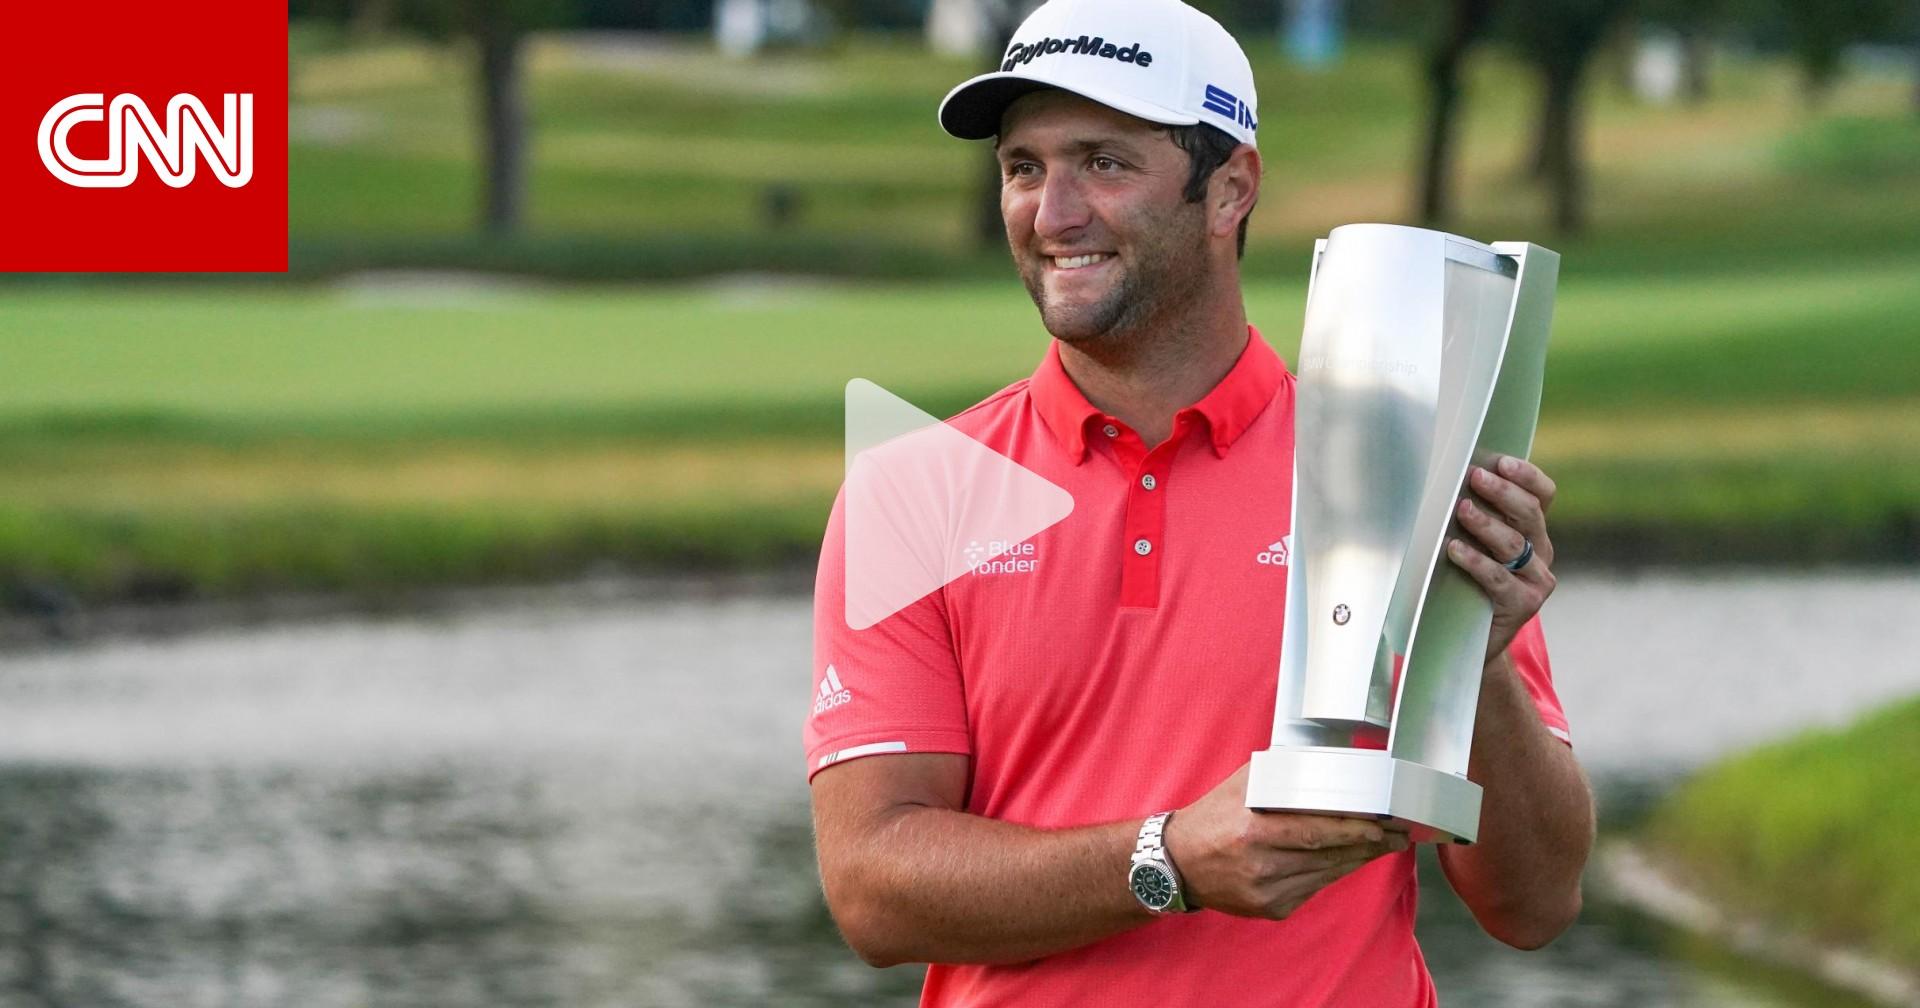 بعمر الـ 25 عاما فقط.. كيف وصل لاعب الغولف هذا إلى المرتبة الأولى عالميا؟